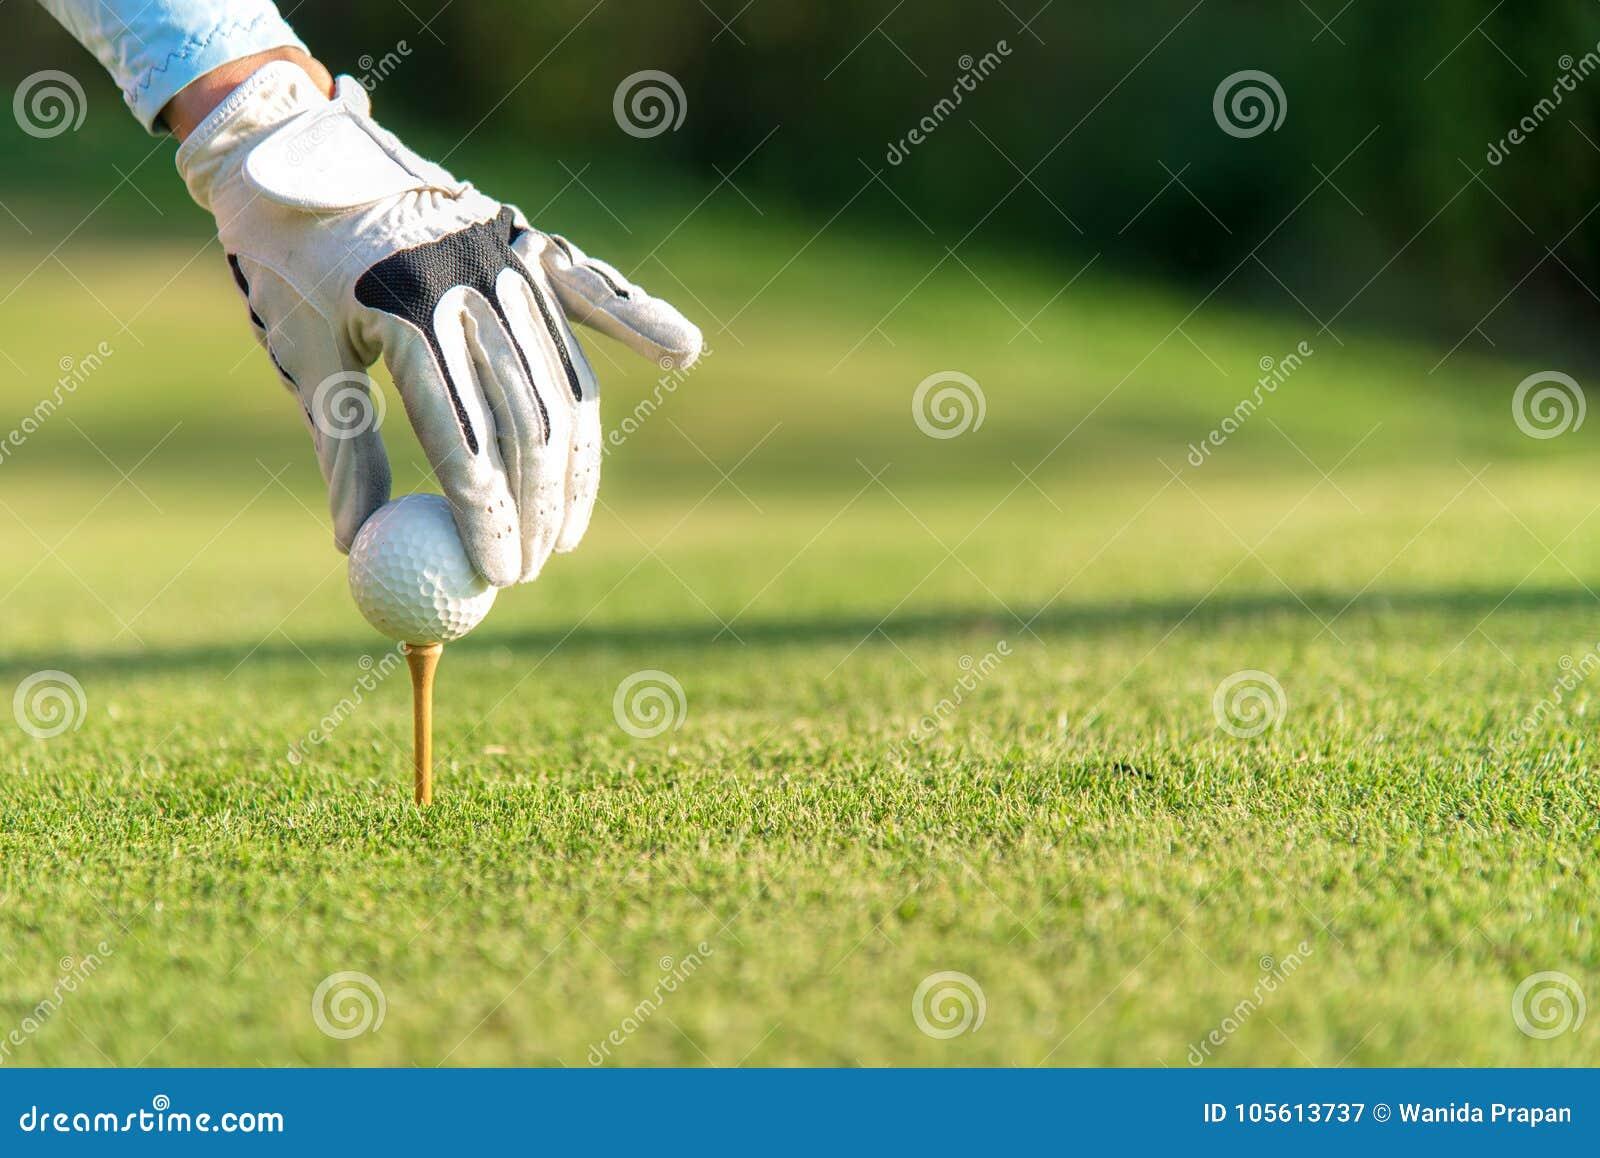 Вручите азиатскую женщину кладя шар для игры в гольф на тройник с клубом в поле для гольфа на солнечный день для здорового спорта